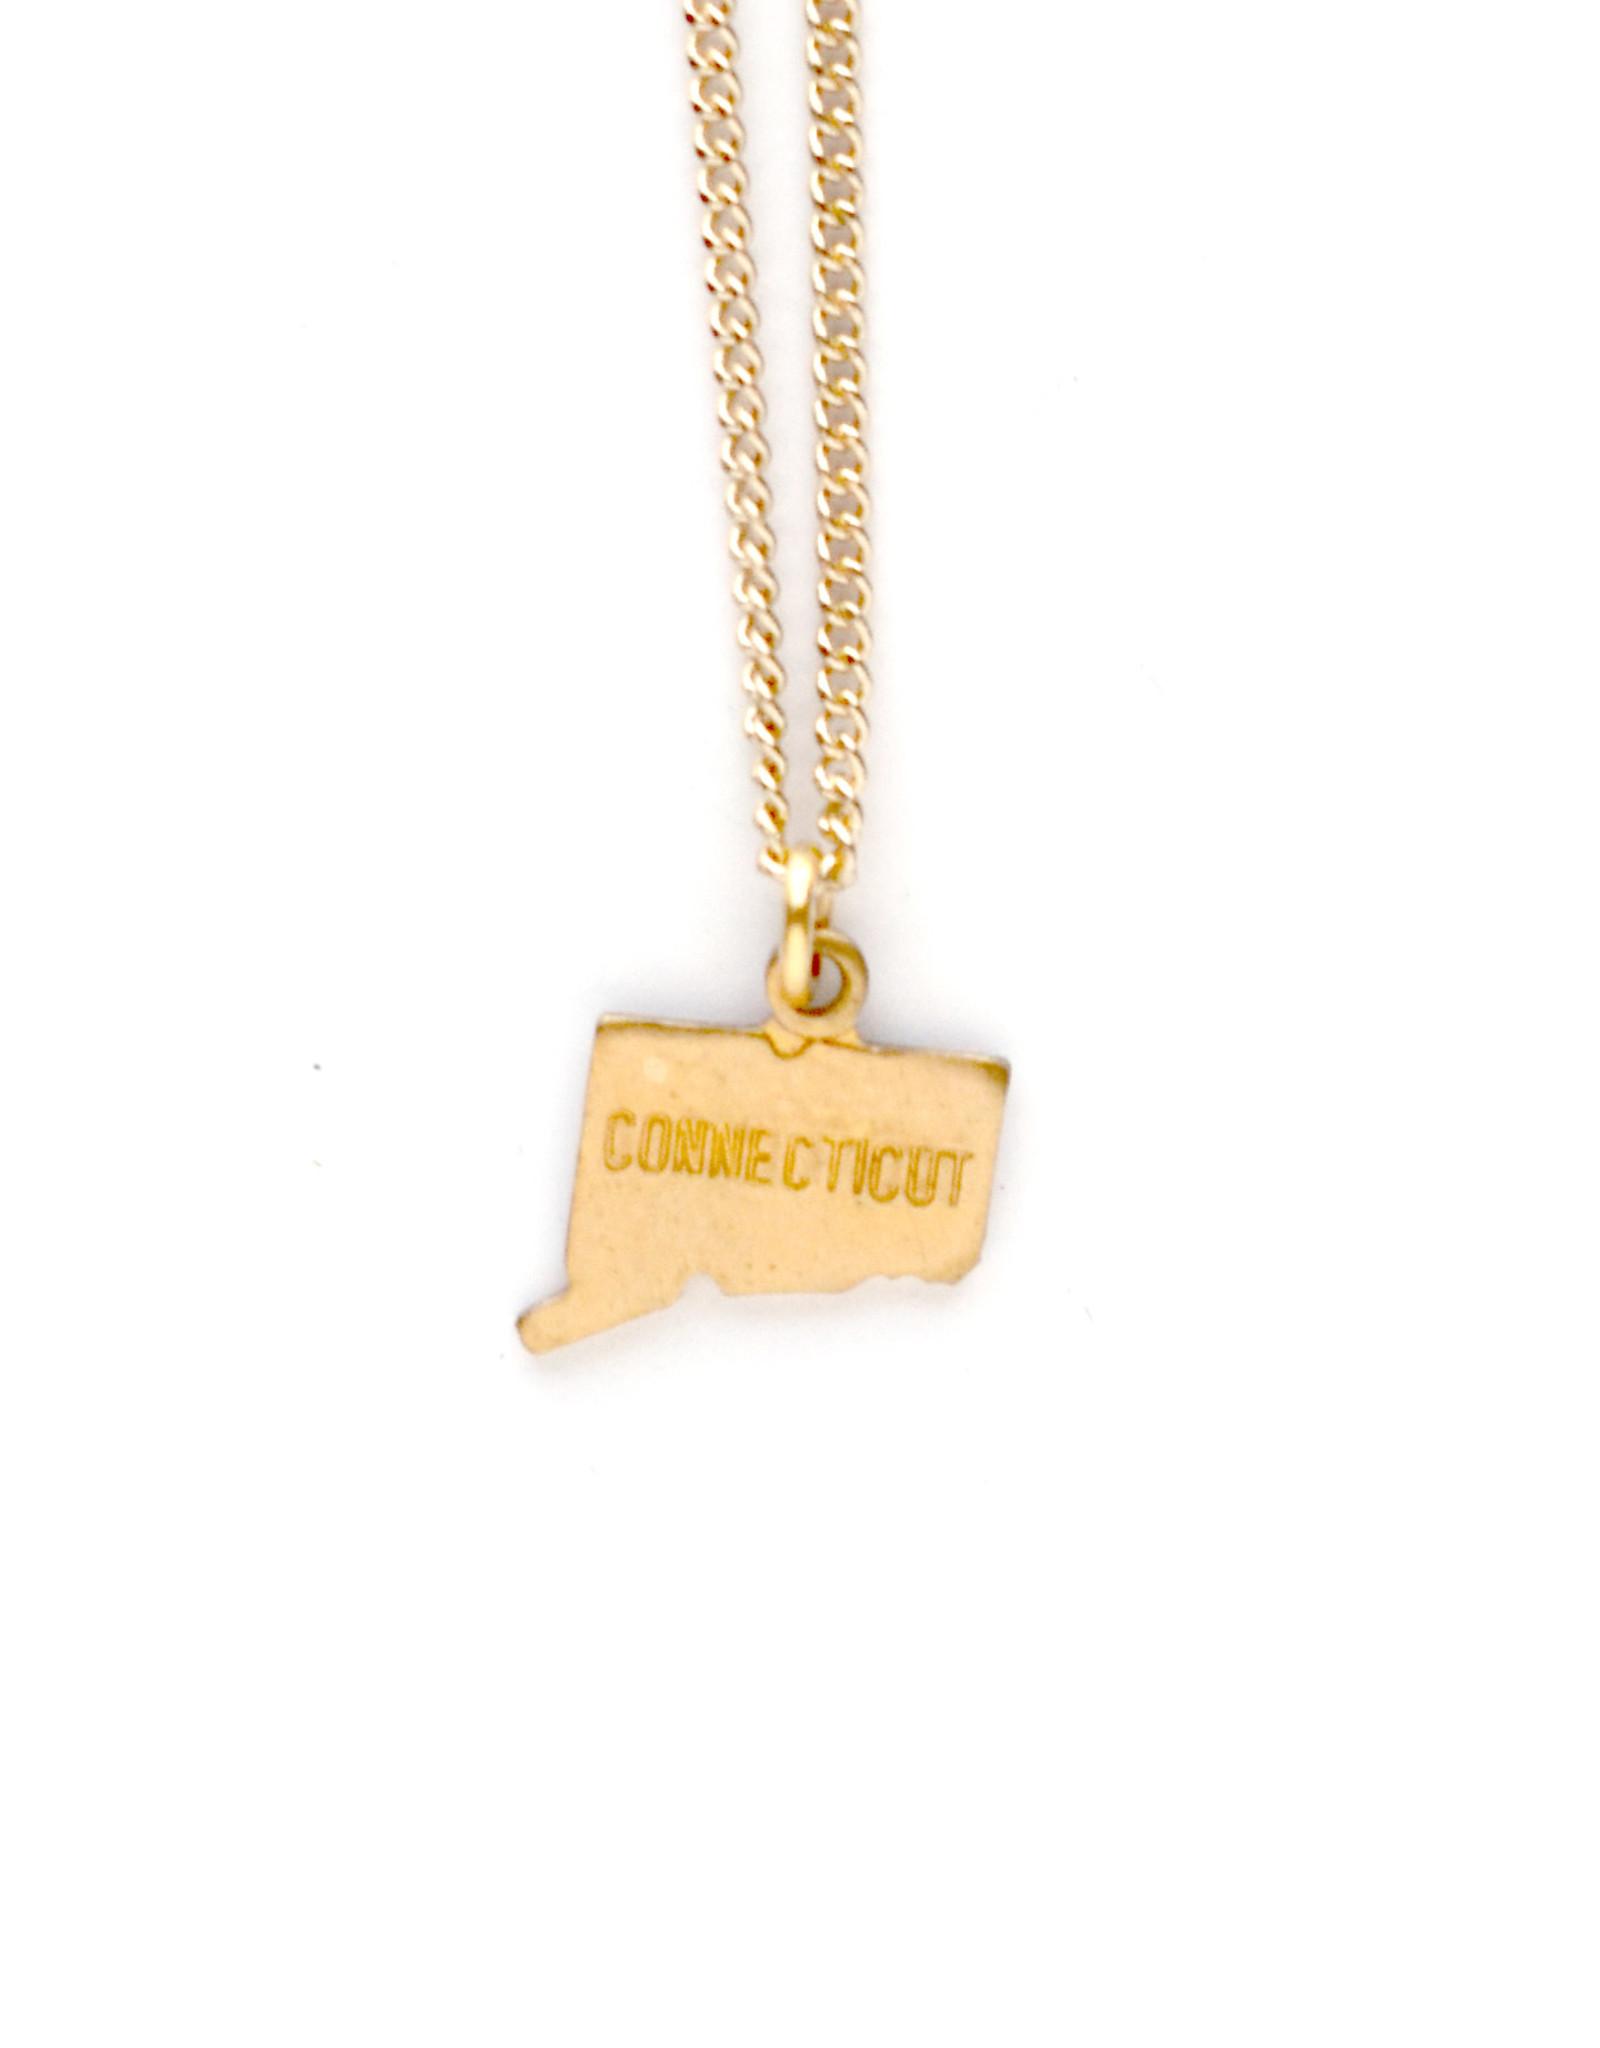 Connecticut Charm Necklace